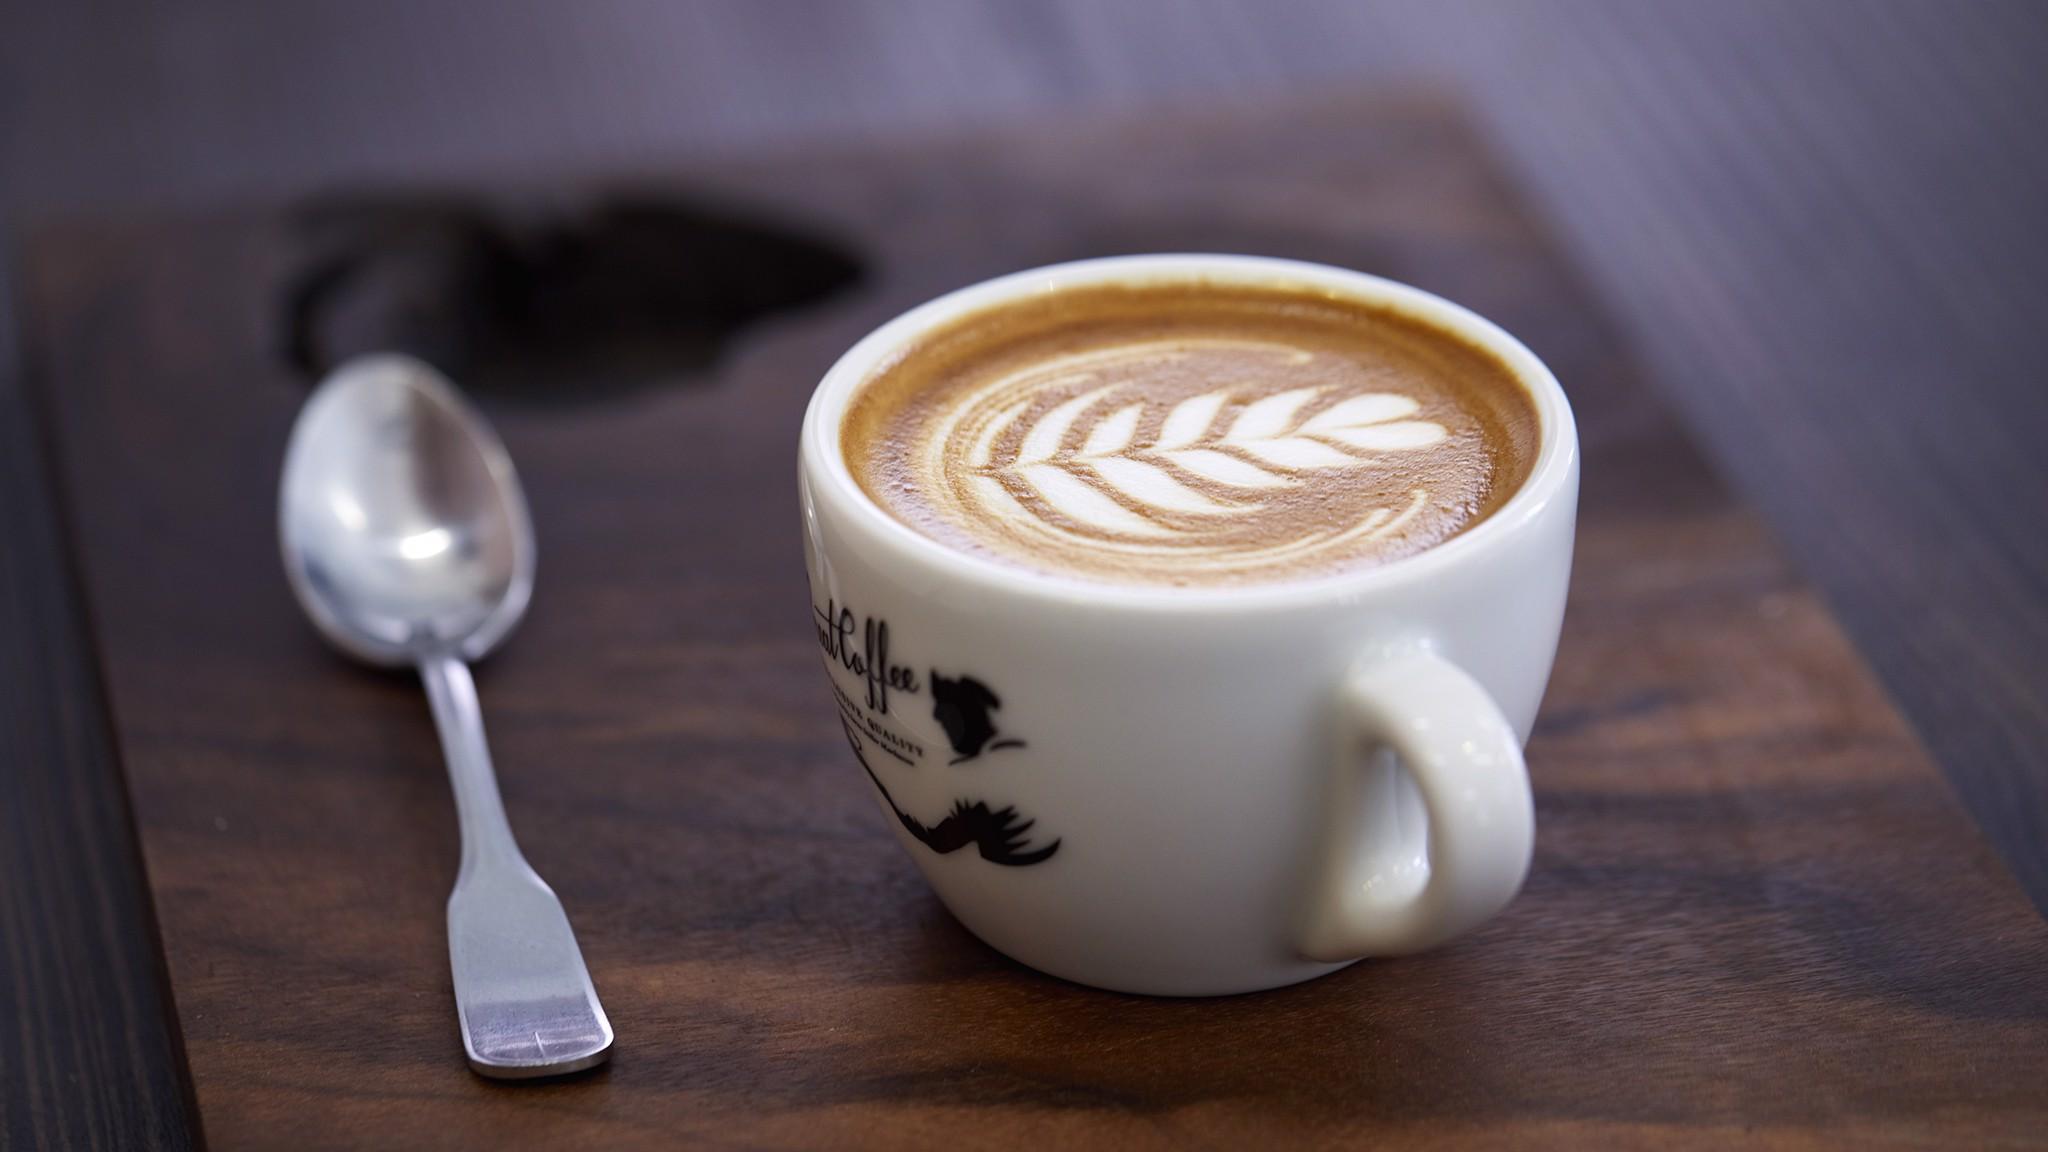 Välj rätt mjölk och kaffesort